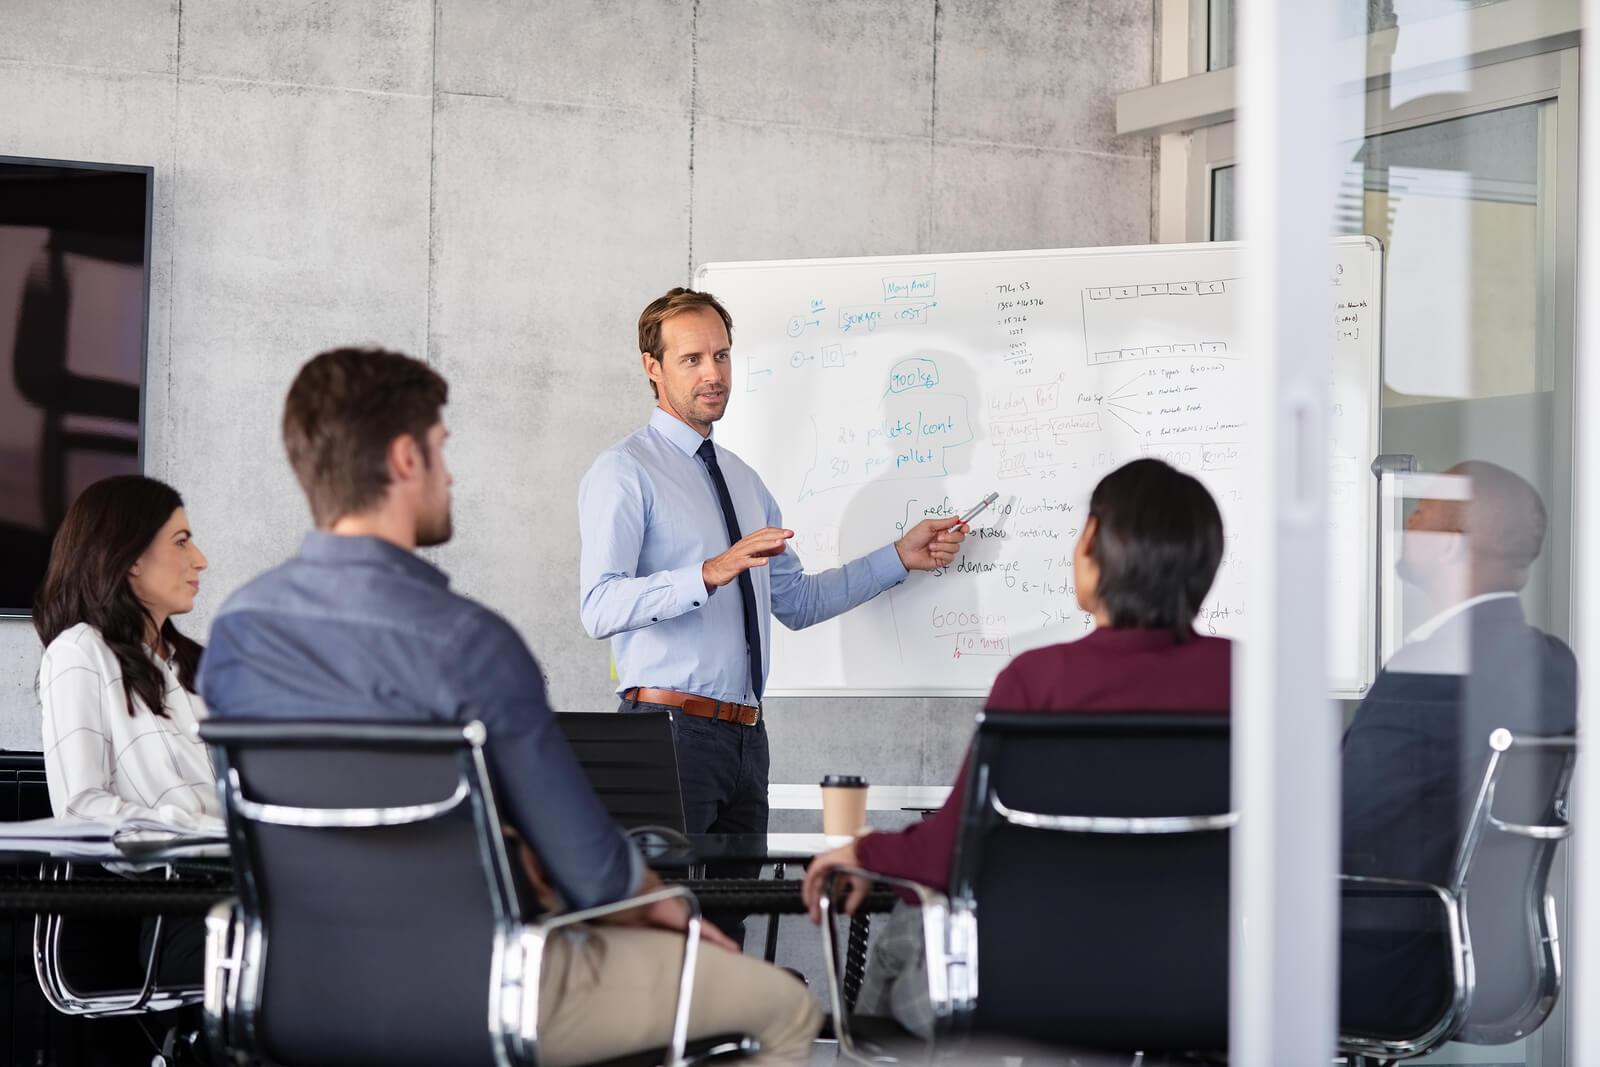 Liderazgo de equipos ¿Es la oratoria el mejor recurso en el liderazgo de equipos?